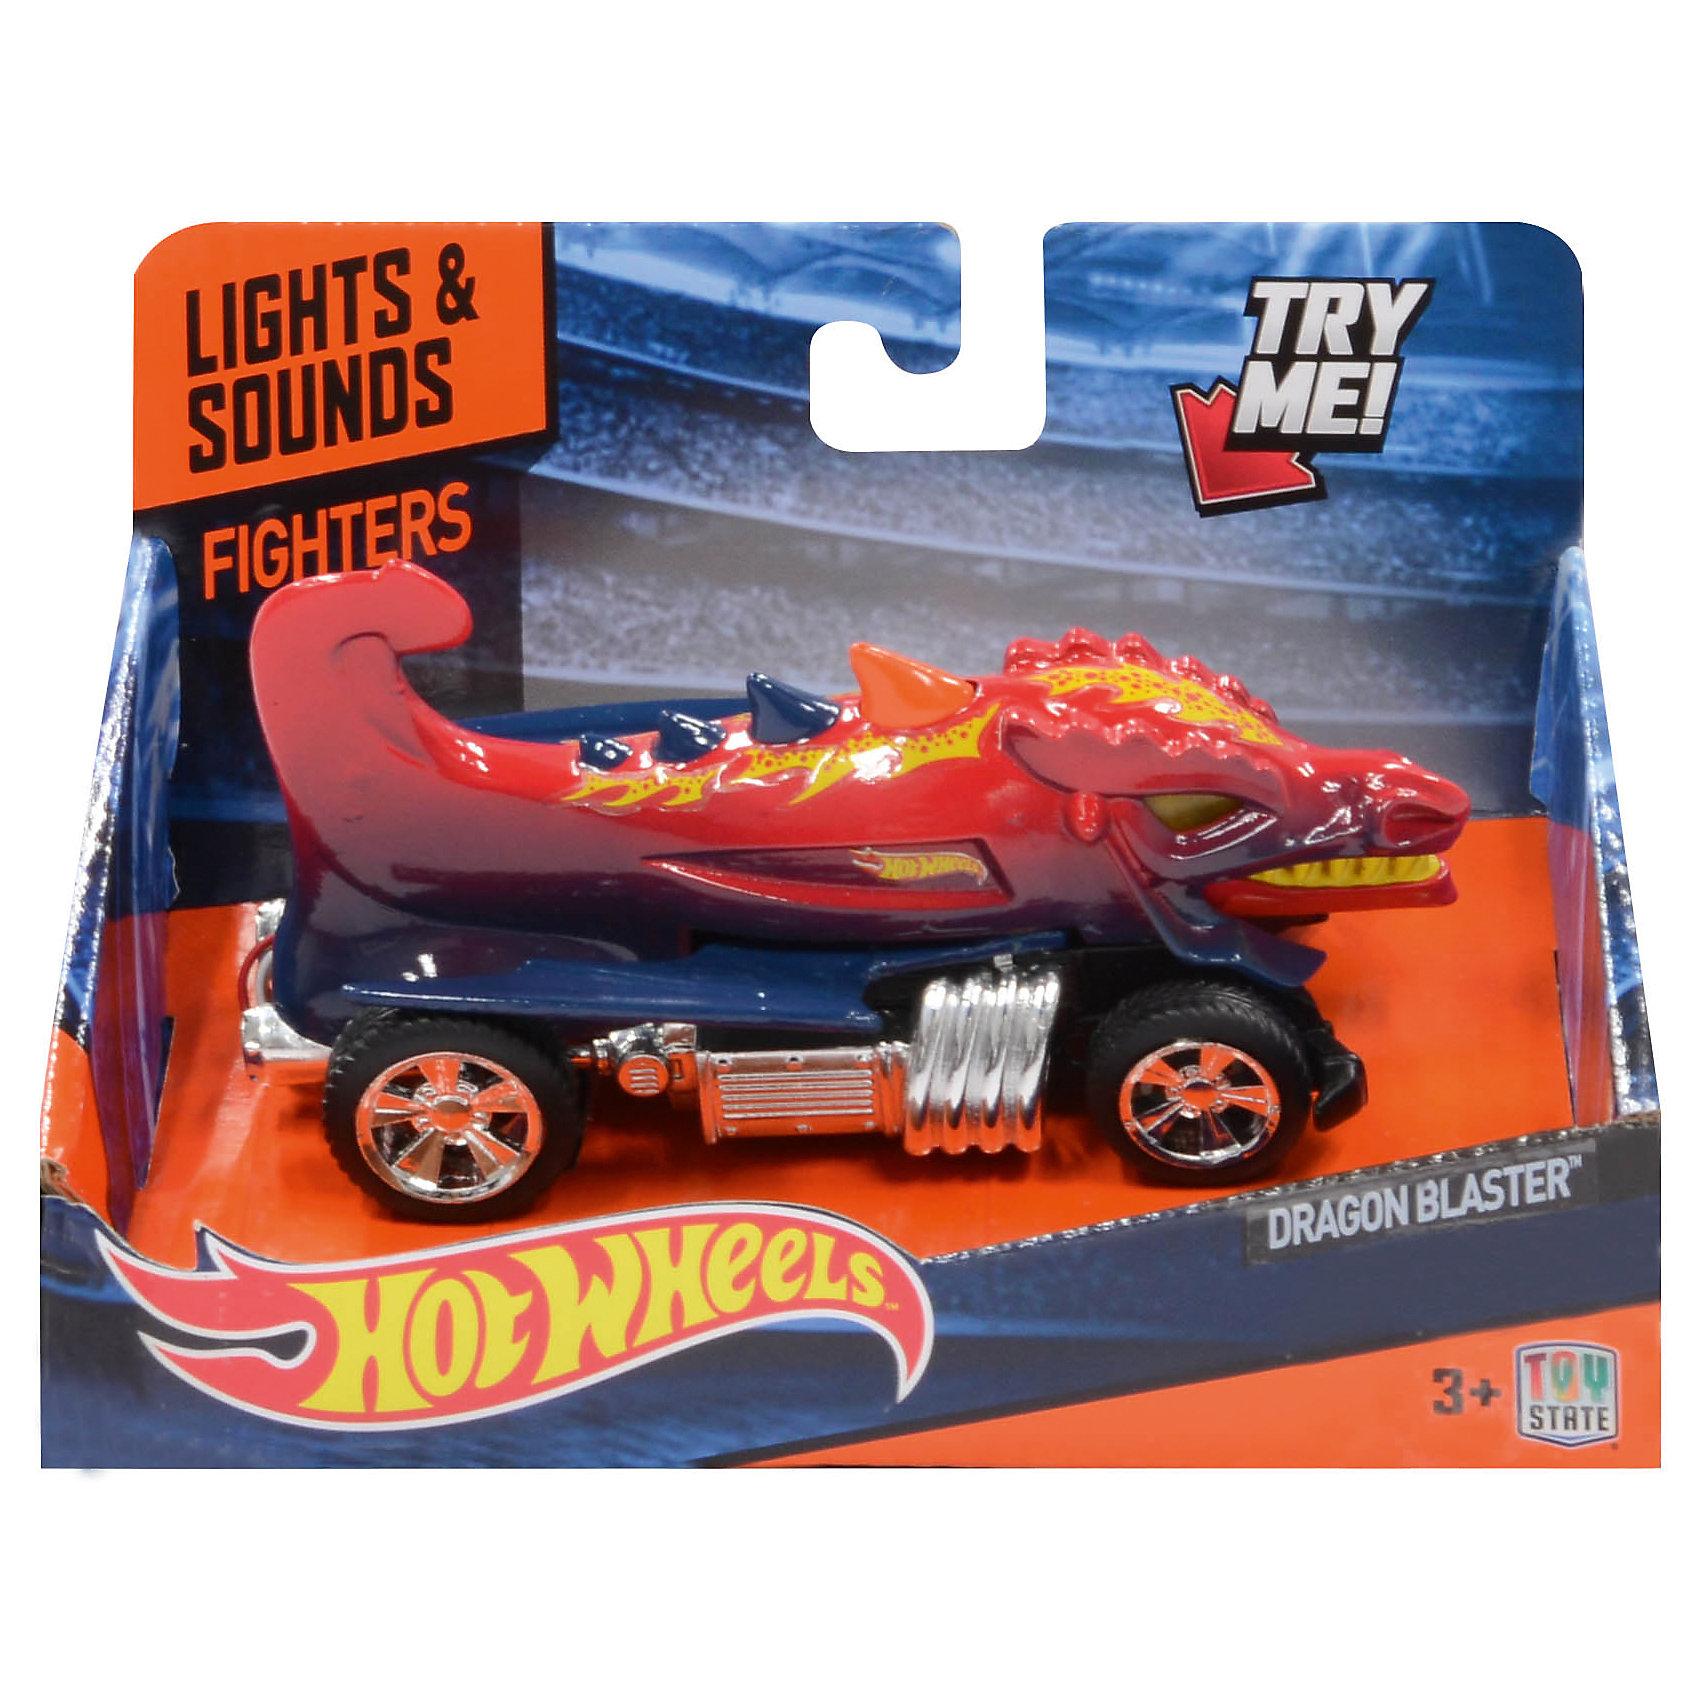 Машинка Fighters - Dragon Blaster (свет, звук) 13,5 см, Hot WheelsХарактеристики товара:<br><br>- цвет: красный;<br>- материал: пластик, металл;<br>- особенности: на батарейках, со звуковыми и световыми эффектами;<br>- вес: 160 г;<br>- размер упаковки: 9х13х18;<br>- батарейки: демонстрационные в комплекте;<br>- размер машинки: 13,5 см.<br><br>Какой мальчишка откажется поиграть с коллекционной машинкой Hot Wheels, которая выглядит как настоящая?! Машинка очень эффектно смотрится, она запускается нажатием кнопки. Игрушка отлично детализирована, очень качественно выполнена, поэтому она станет отличным подарком ребенку. Продается в красивой упаковке.<br>Изделия произведены из высококачественного материала, безопасного для детей.<br><br>Машинку Красный дракон Hot Wheels можно купить в нашем интернет-магазине.<br><br>Ширина мм: 89<br>Глубина мм: 127<br>Высота мм: 158<br>Вес г: 160<br>Возраст от месяцев: 36<br>Возраст до месяцев: 2147483647<br>Пол: Мужской<br>Возраст: Детский<br>SKU: 5066715